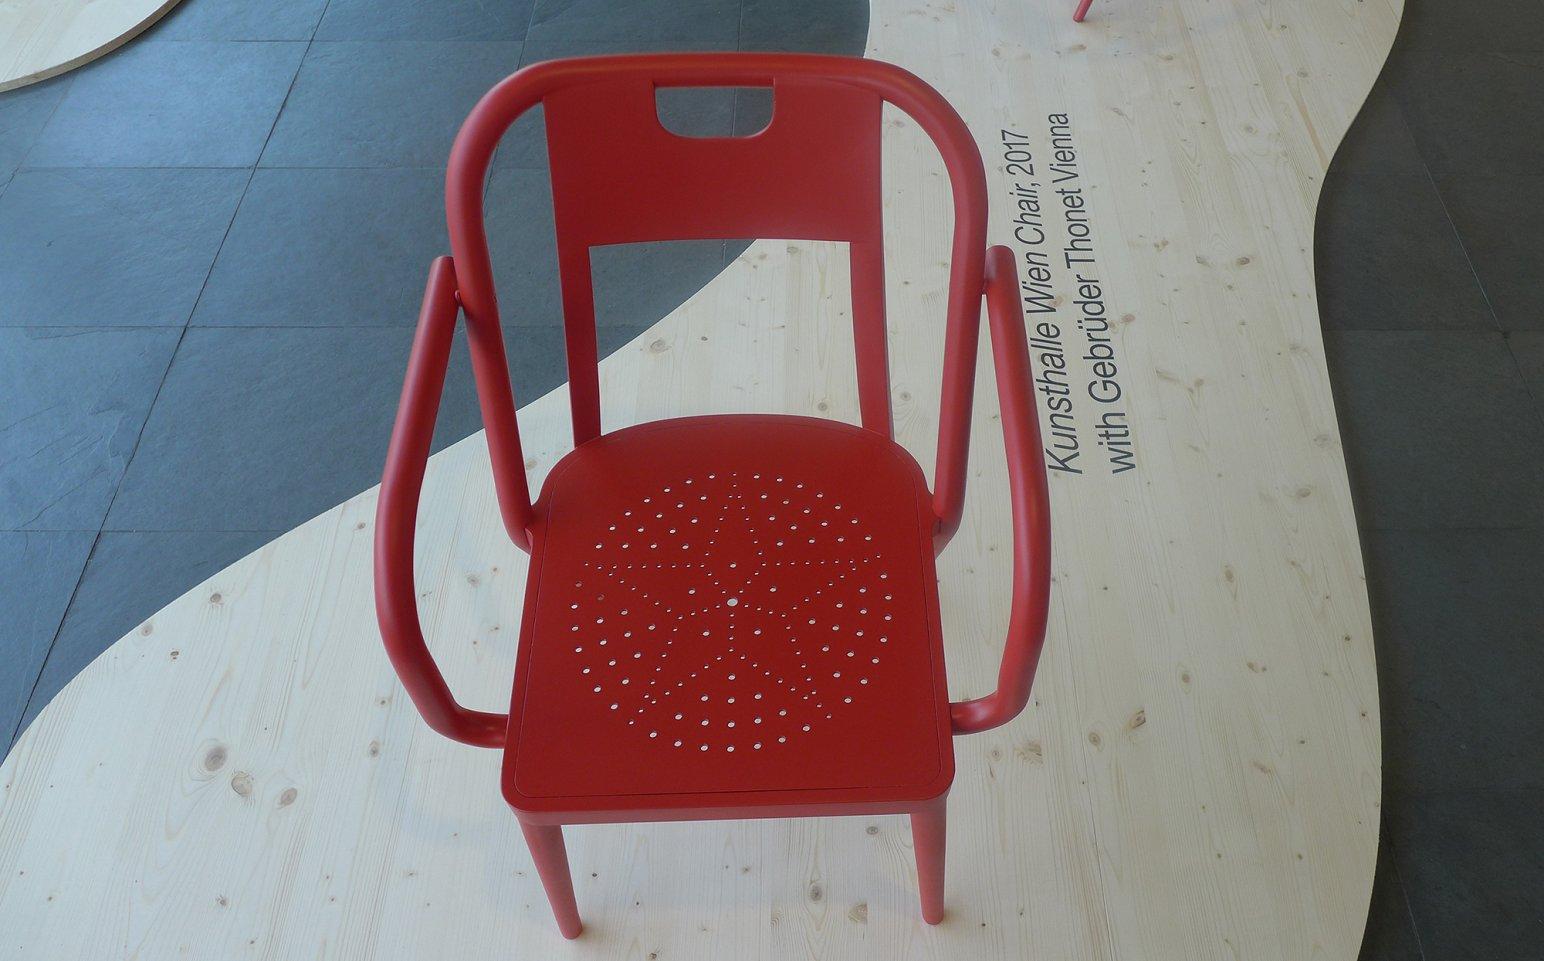 Kunsthalle Wien Chair